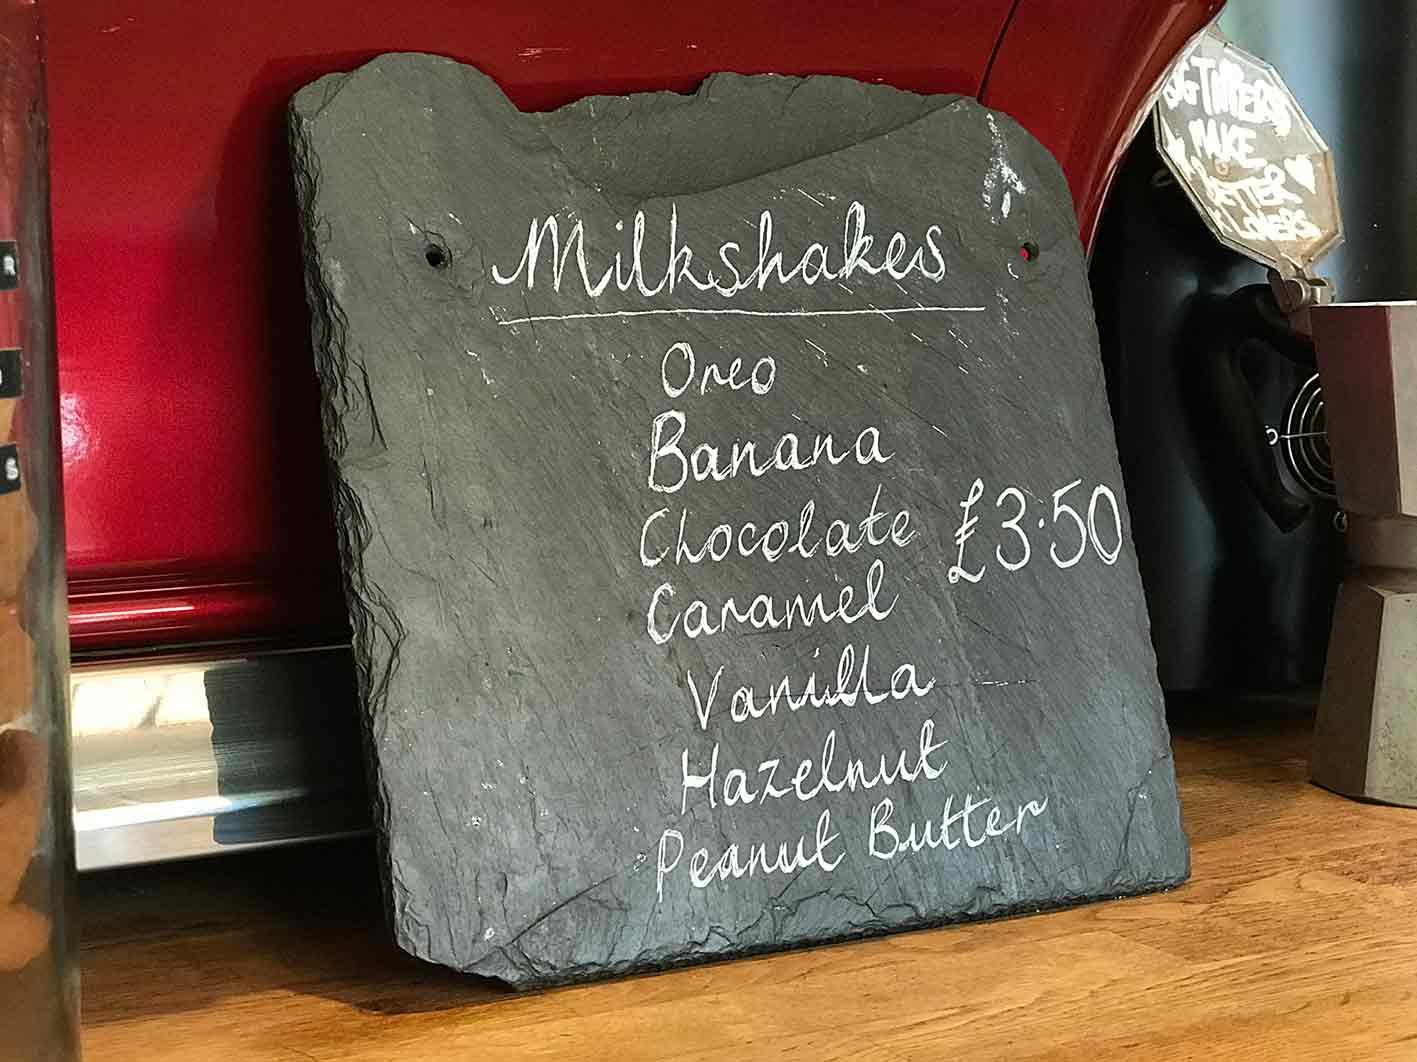 Dancing-Goat-milkshake-menu.jpg